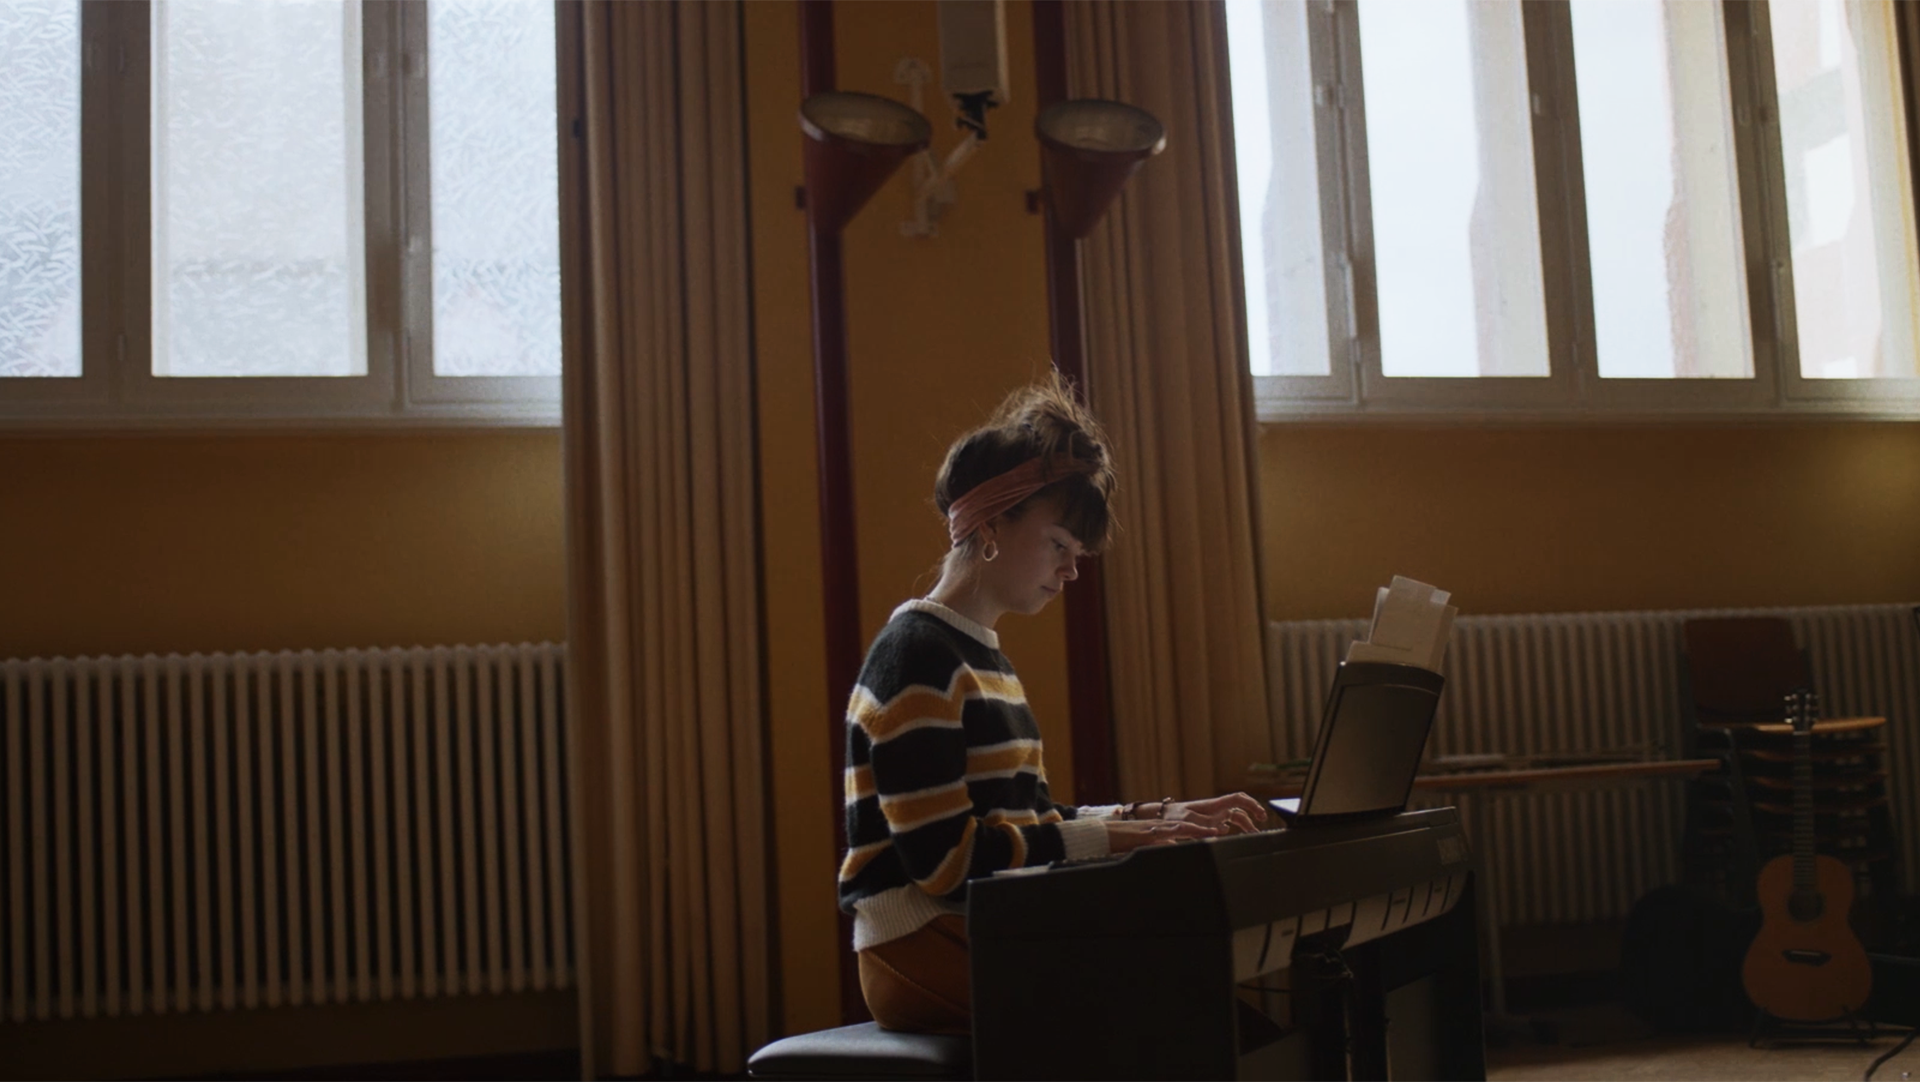 Maedchen spielt Keyboard, im Hintergrund ein Musikklassenzimmer